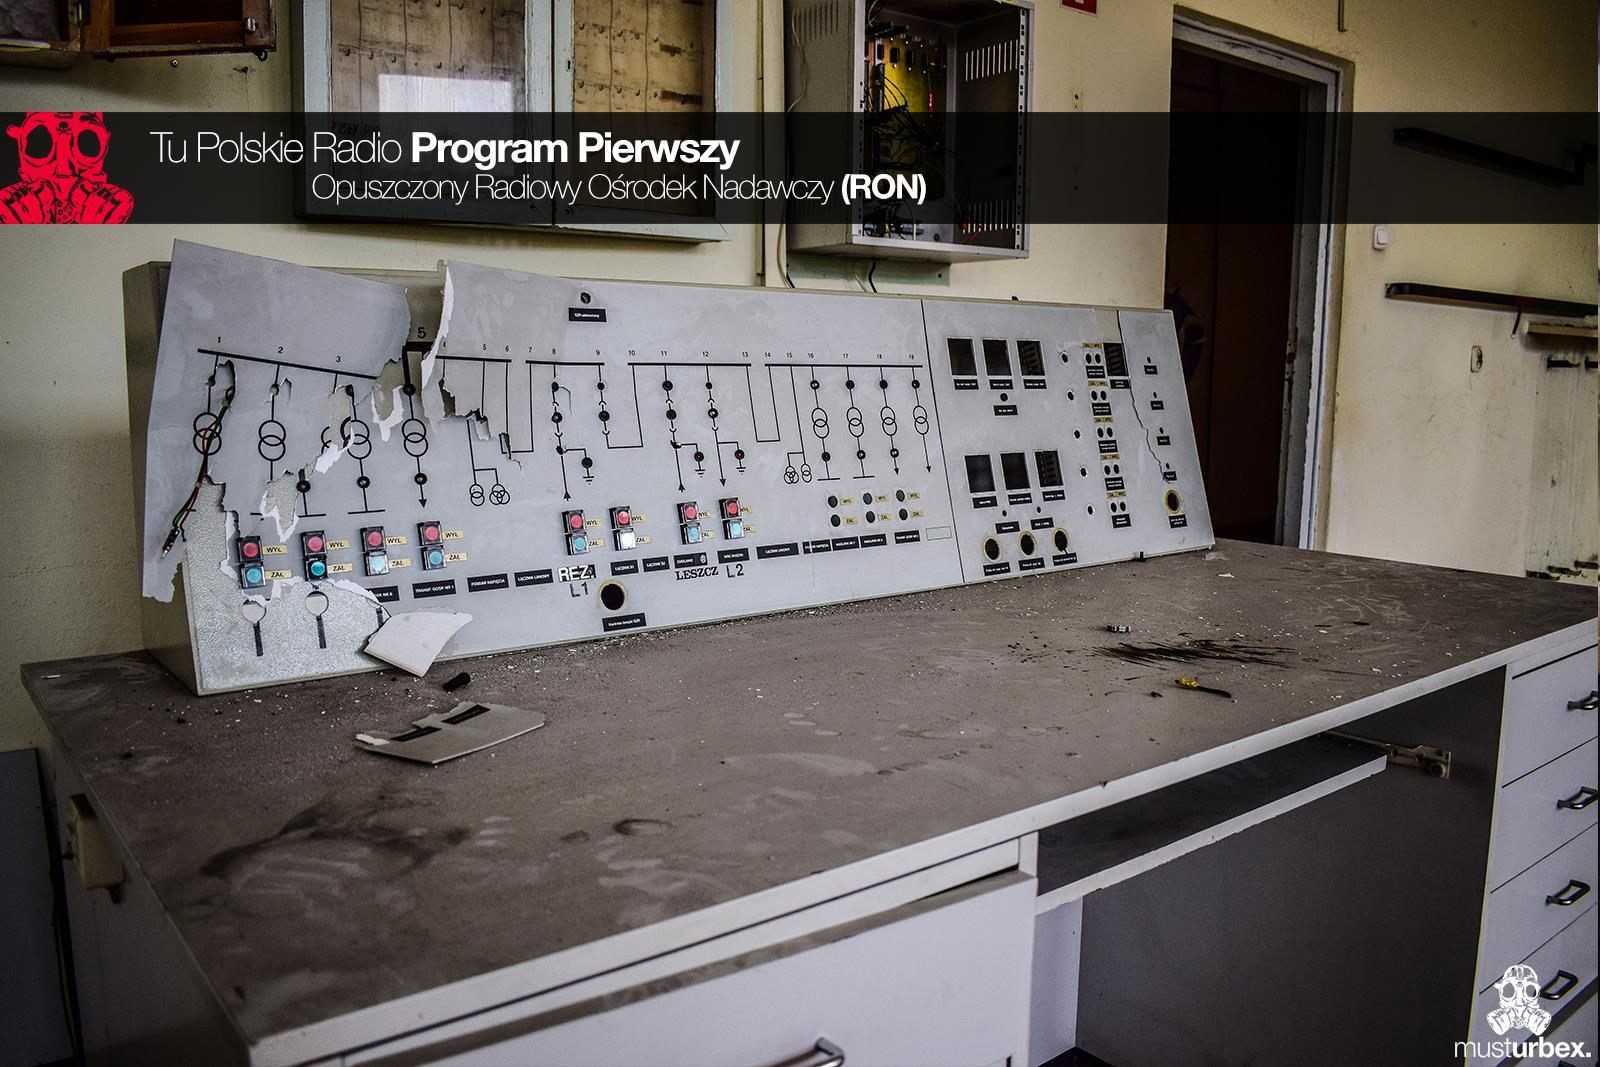 Urbex RON Opuszczony Radiowy Ośrodek Nadawczy